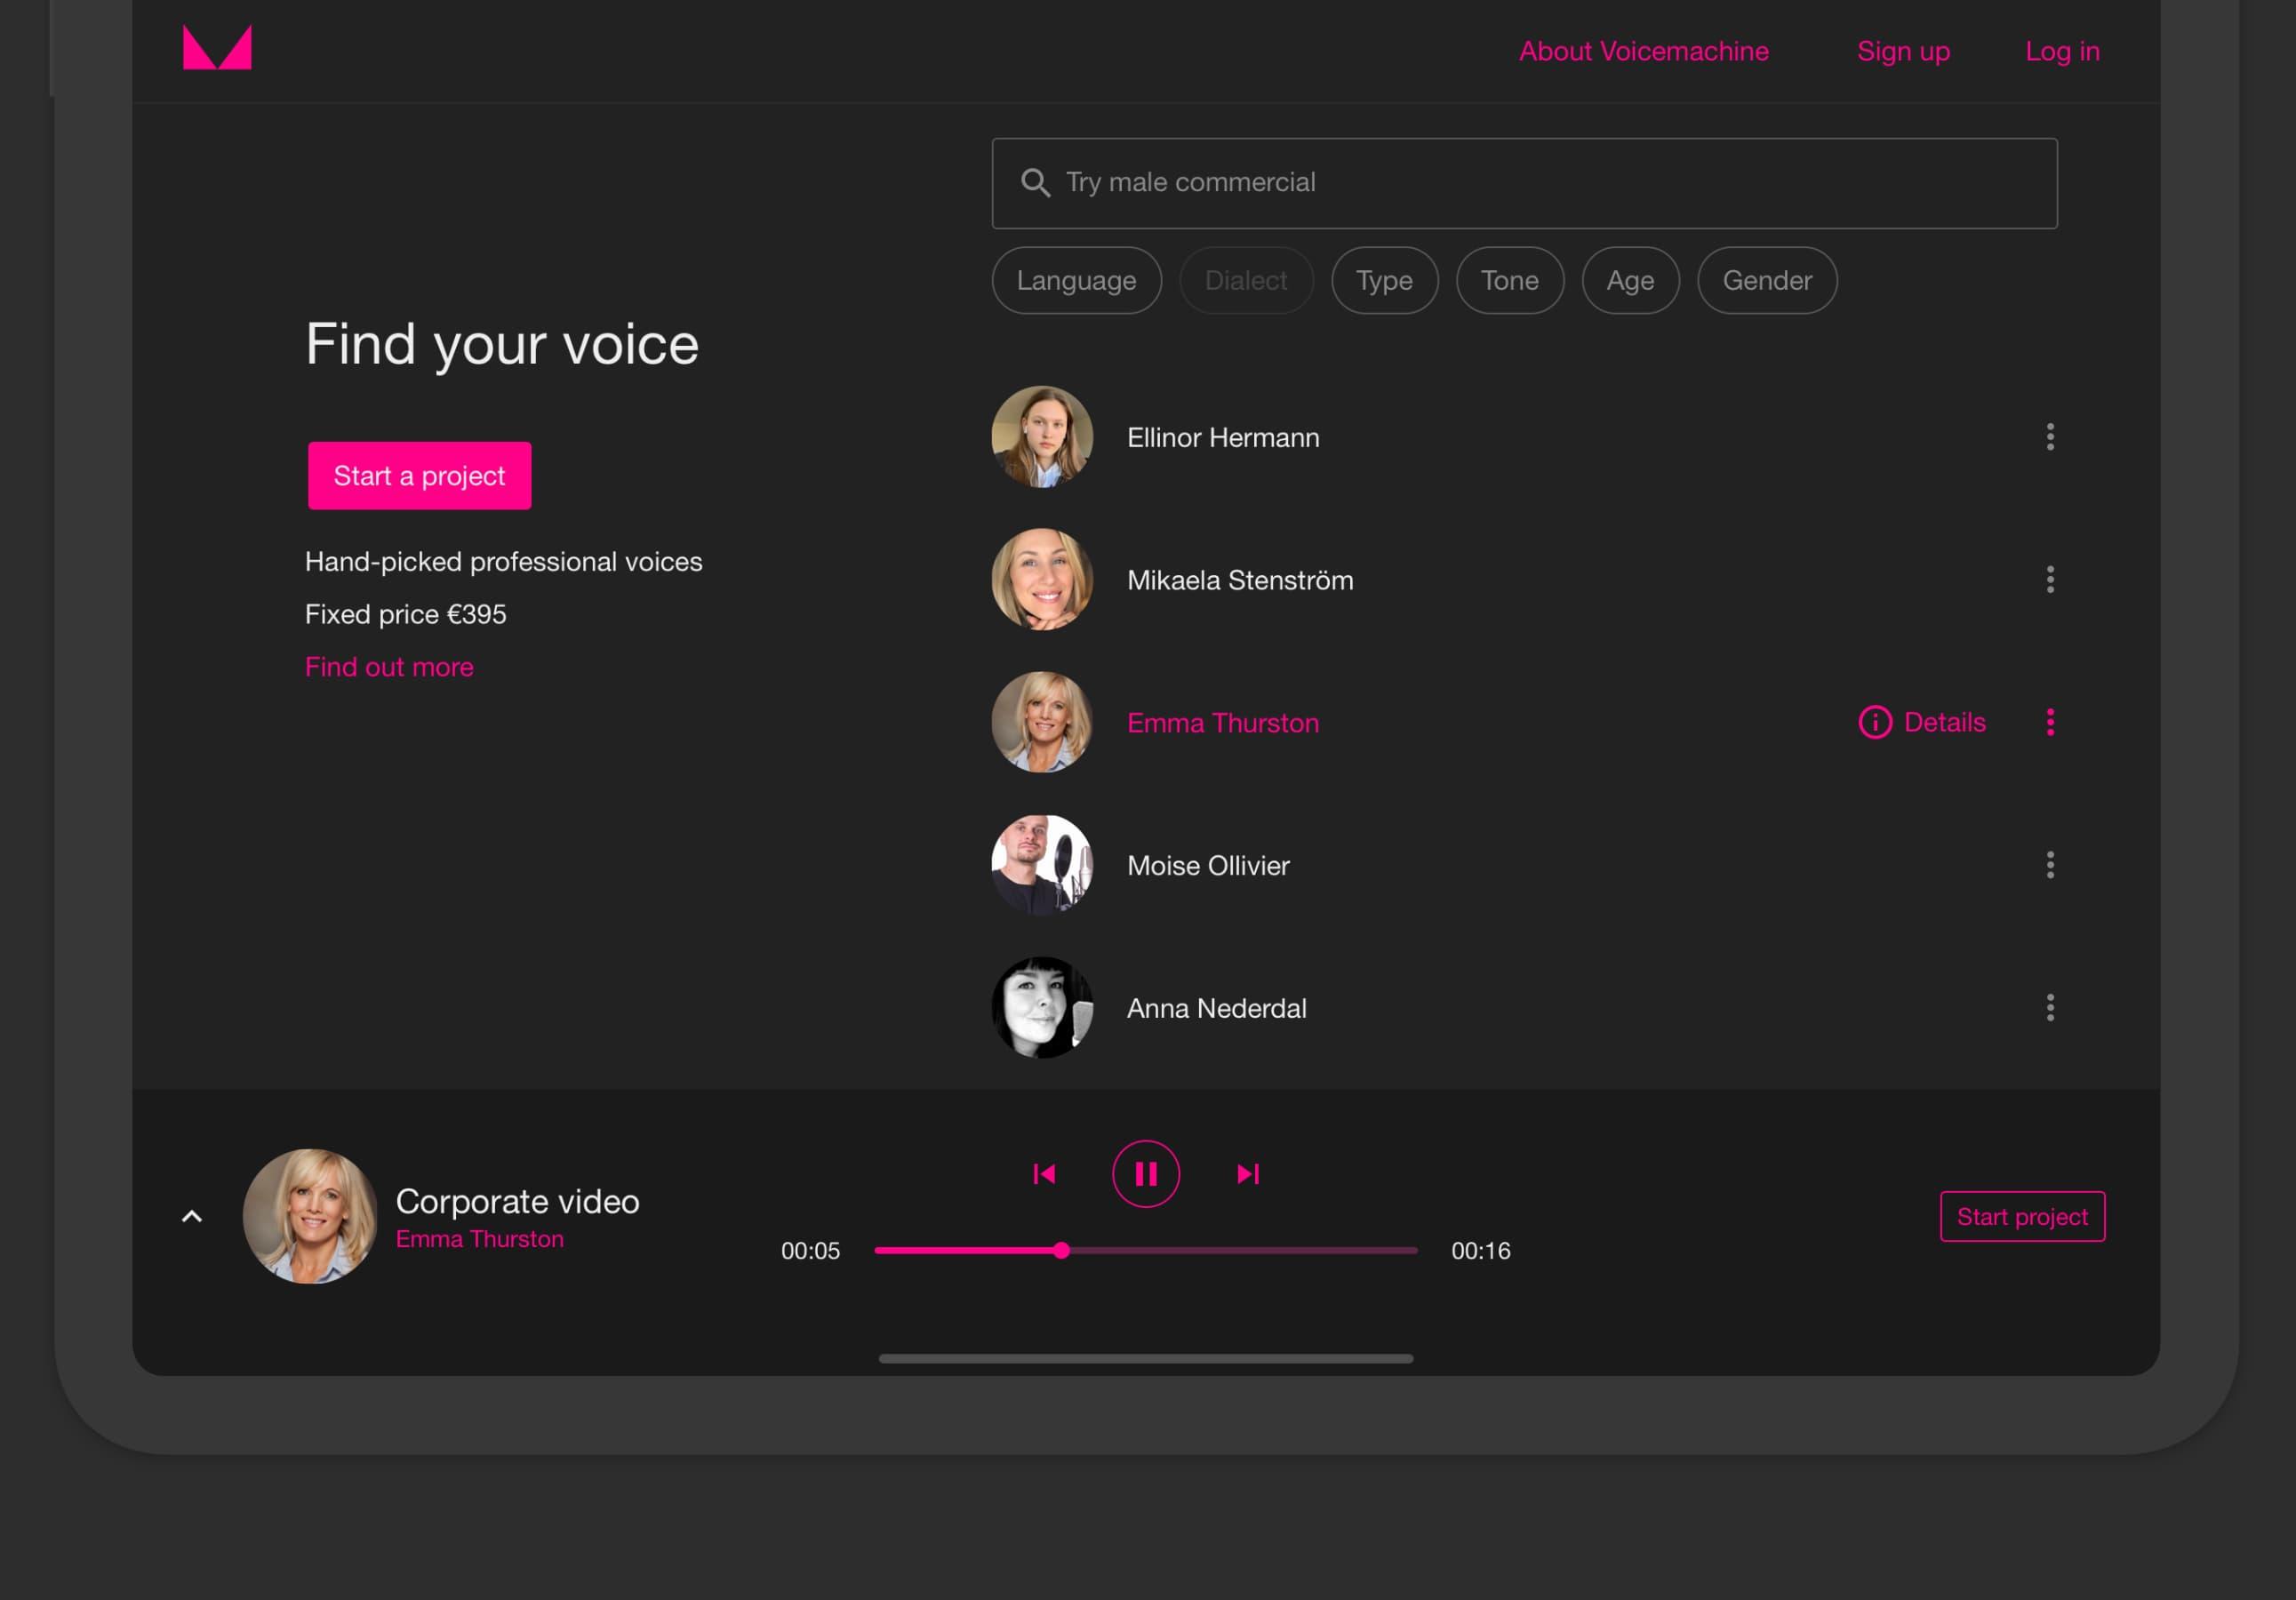 Skärmdump som visar hur Voicemachine ser ut på en padda. Ett röstdemo för Emma Thurston spelas. Voicemachine ger möjlighet att starta ett projekt med den röst man gillar.